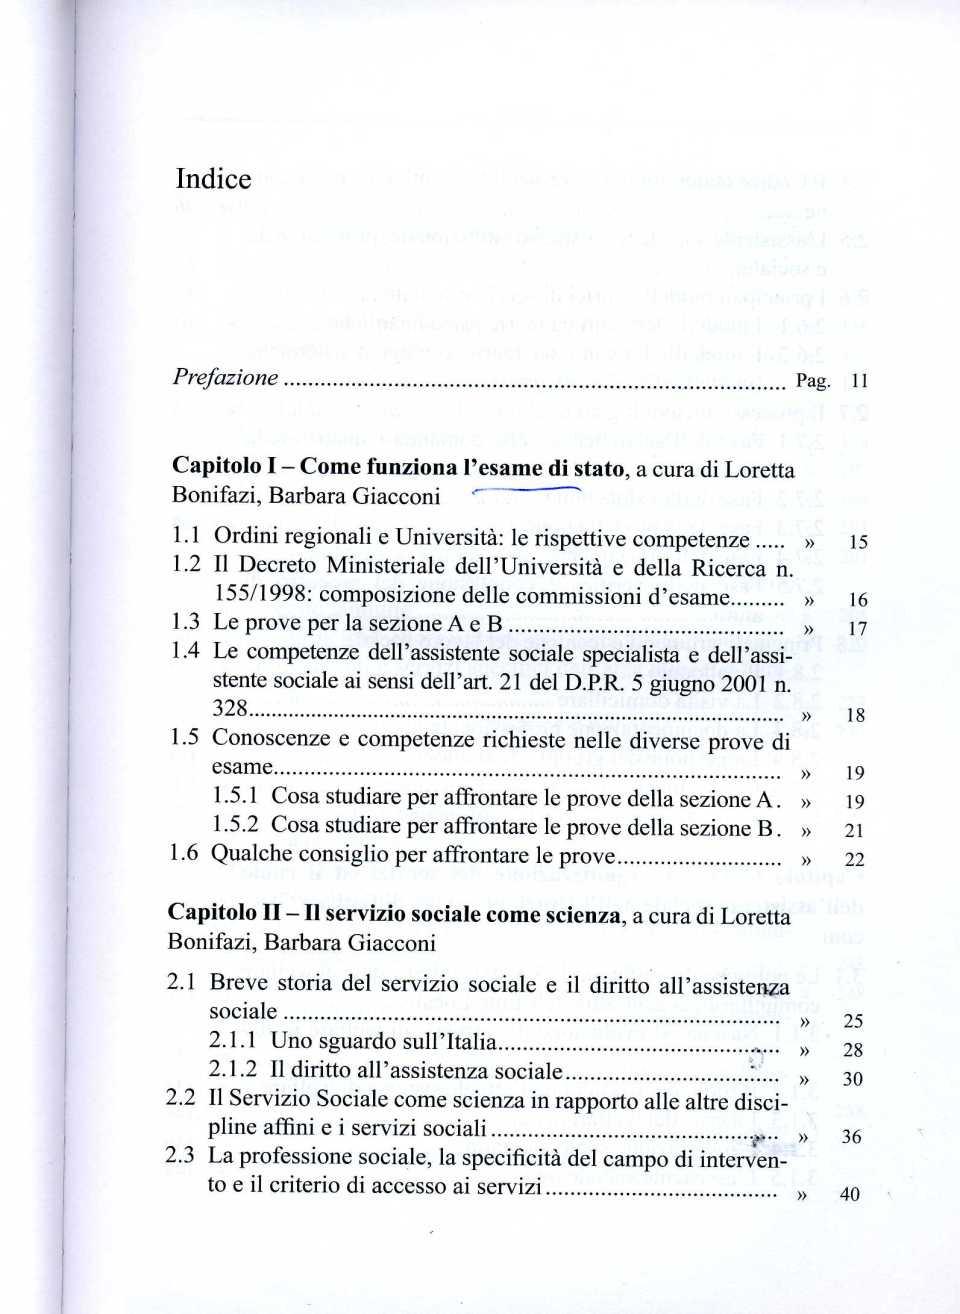 bonifazi1448